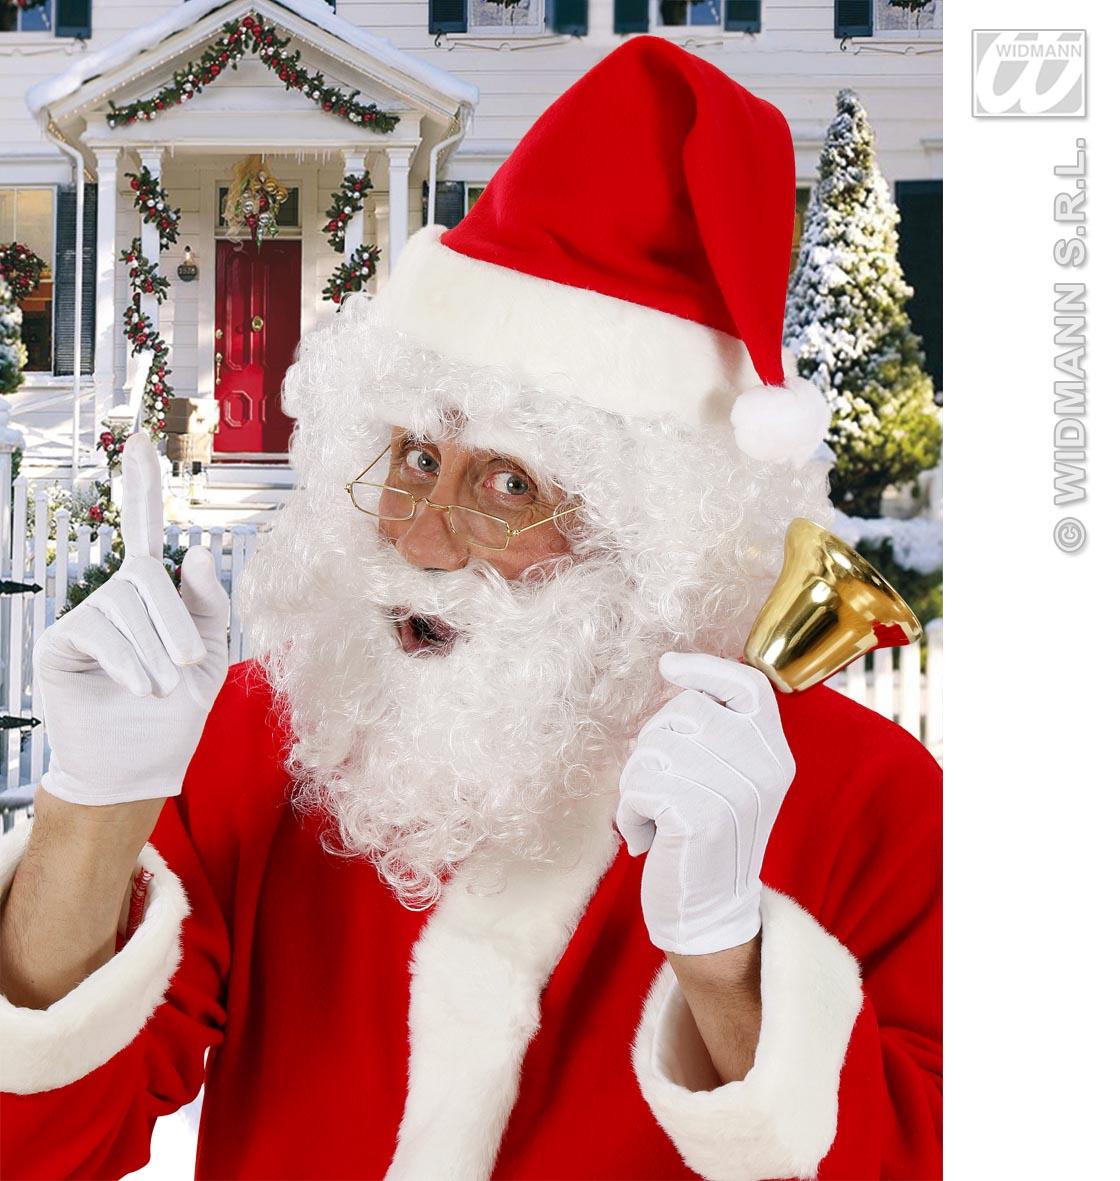 Weihnachtsmann-Perücke,Perücke Locken m. Bart u. Augenbrauen  1530